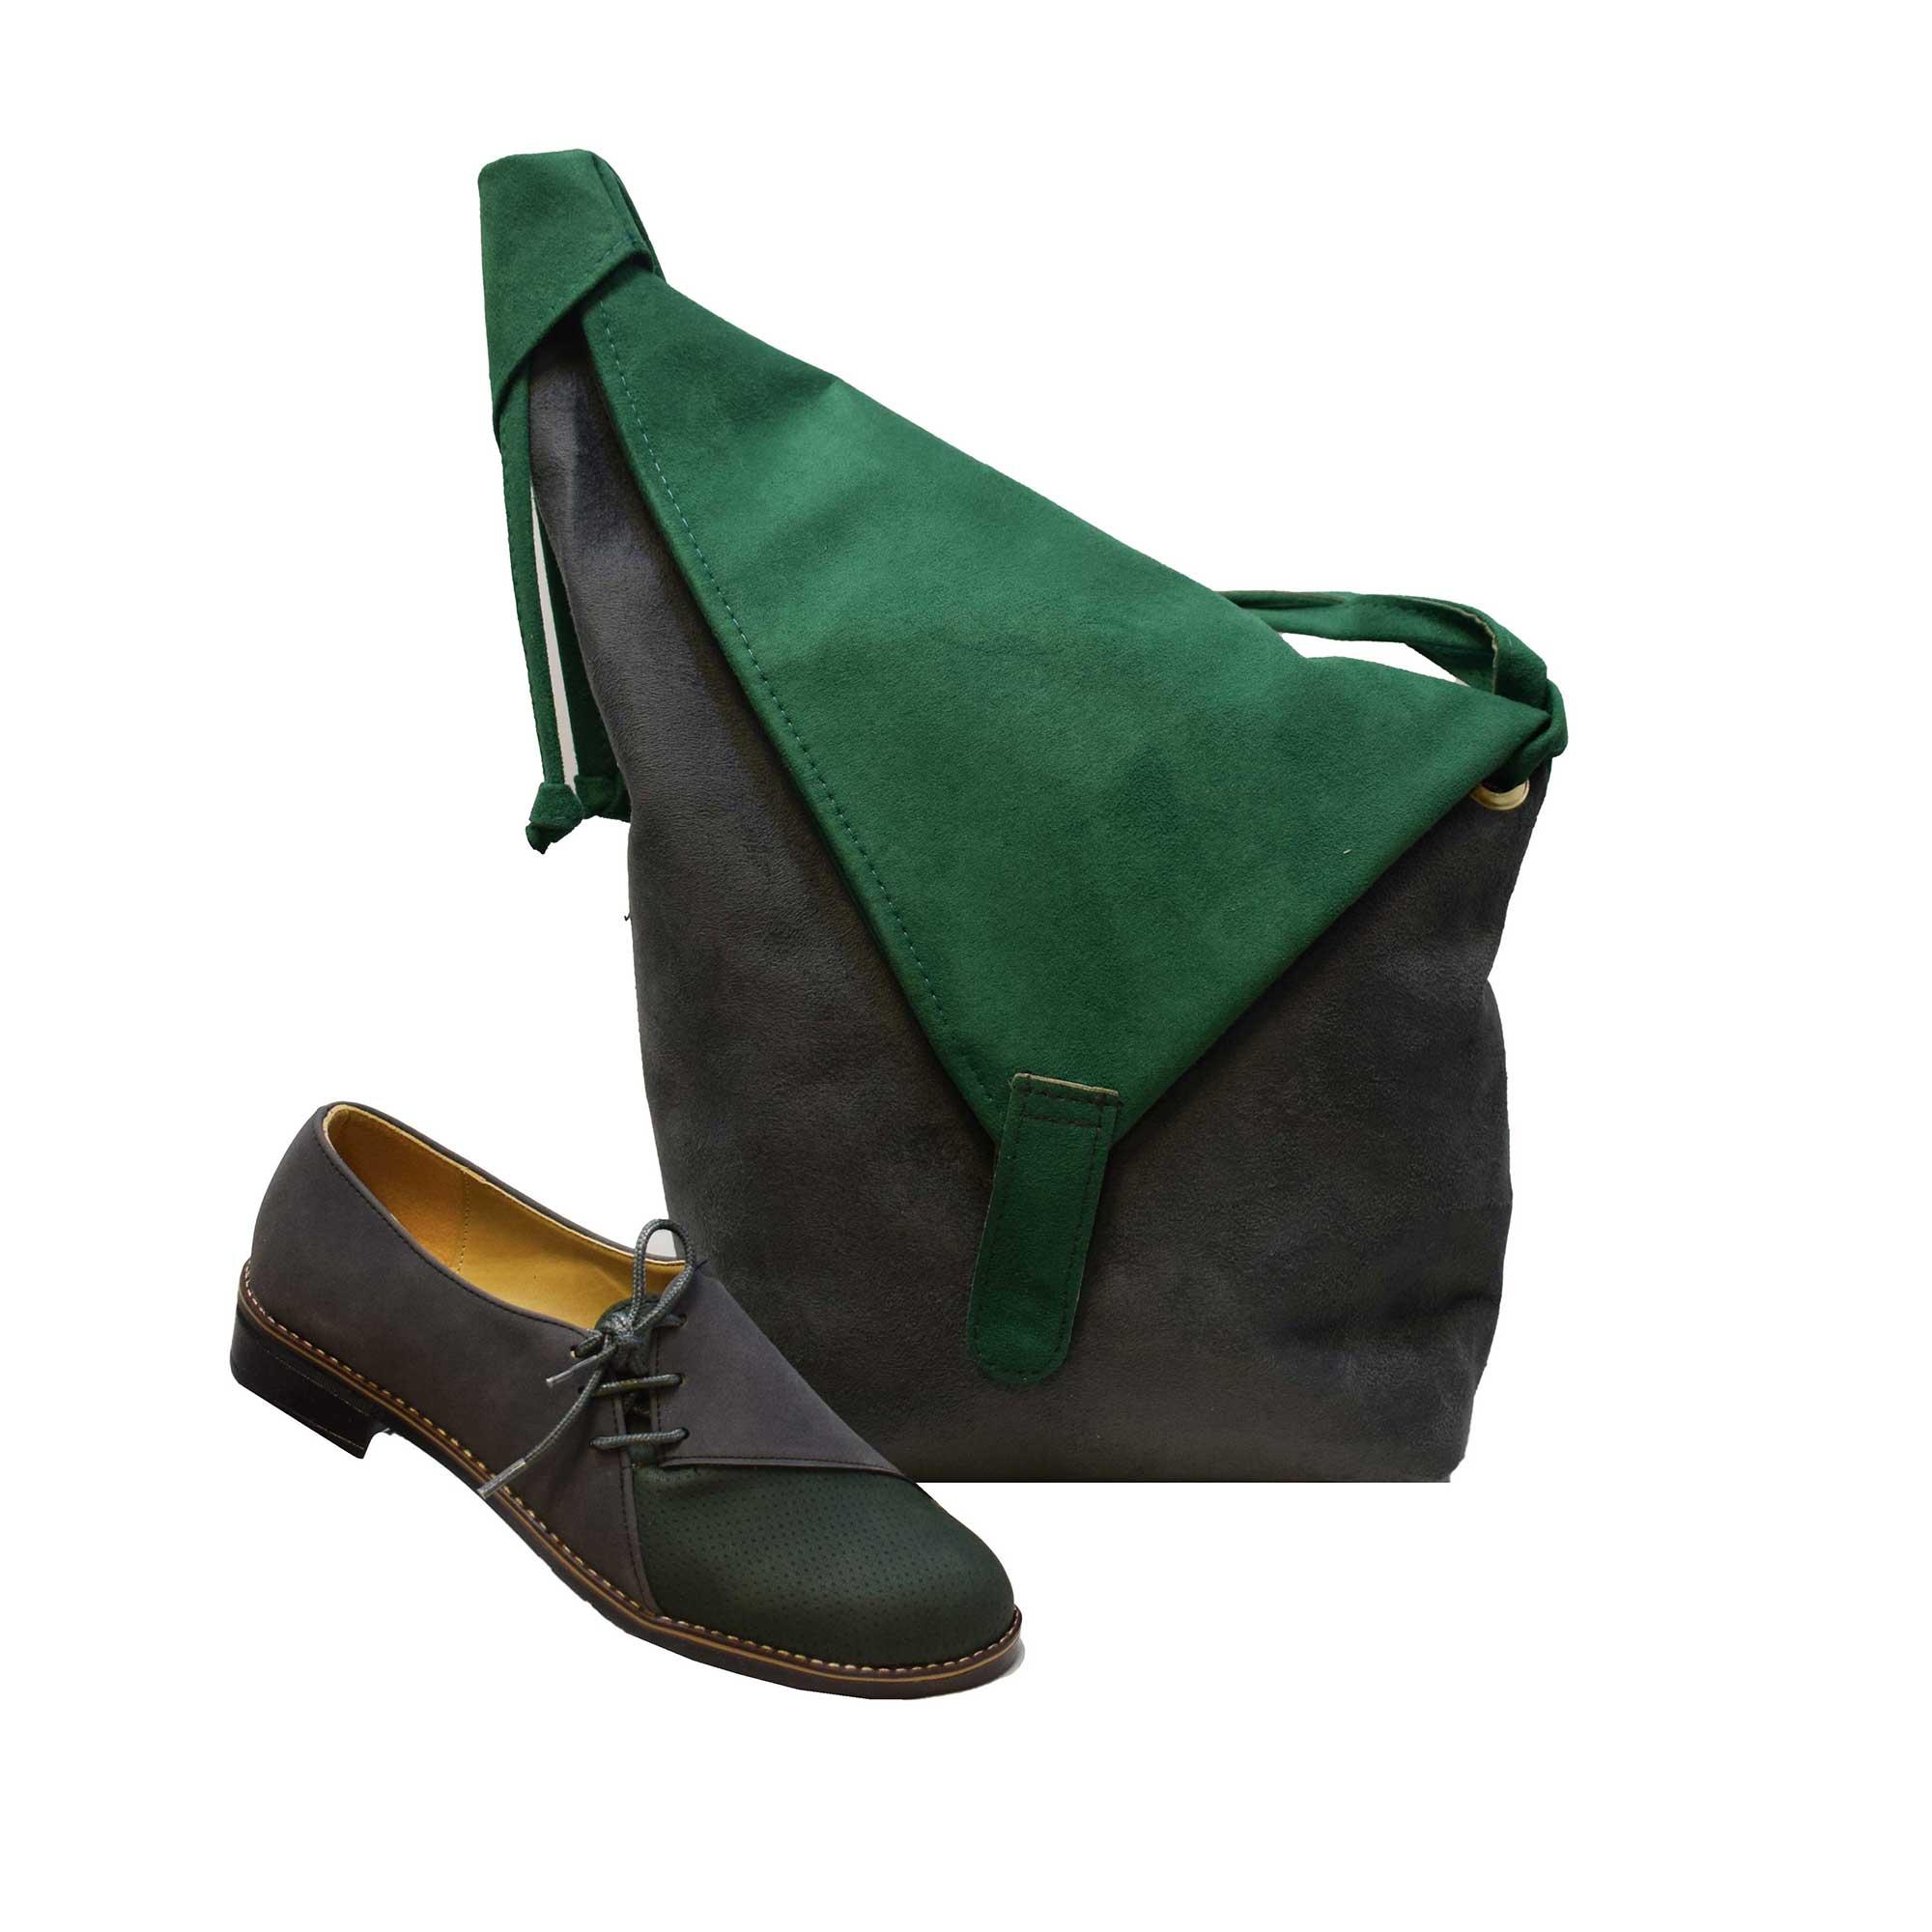 ست کیف و کفش زنانه آذاردو مدل SE02703